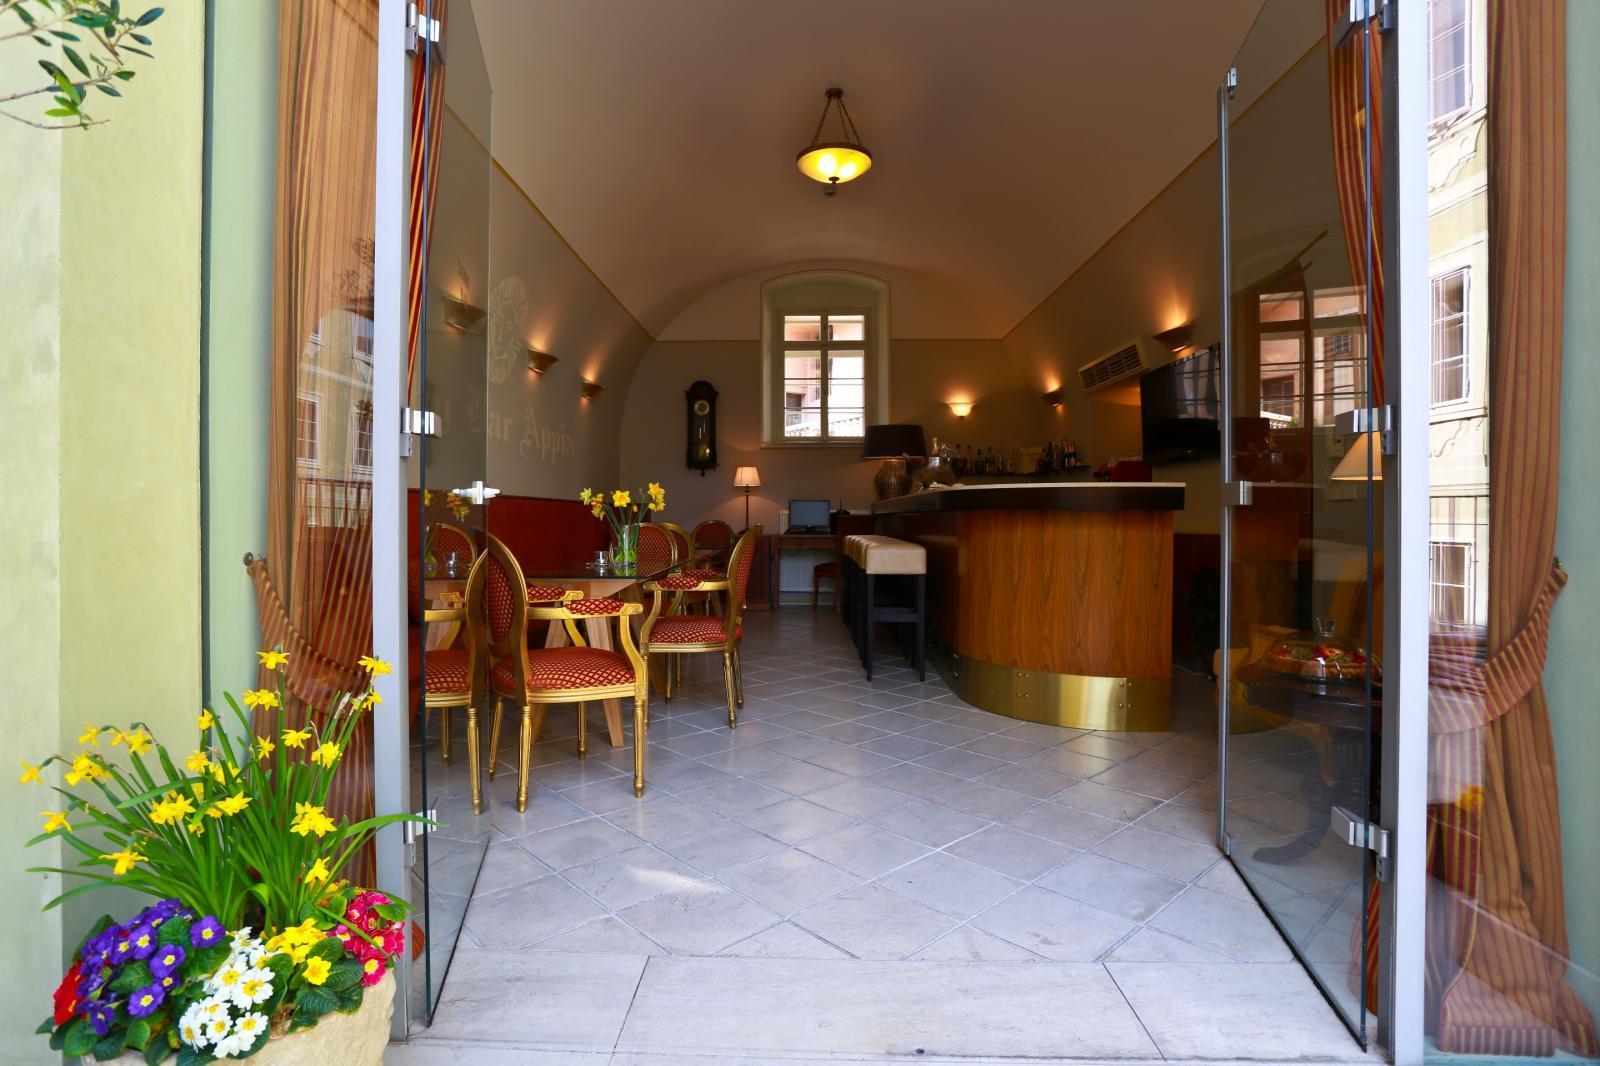 Appia hotel residences praha praha hotely penziony cz for Hotel residence mala strana tripadvisor